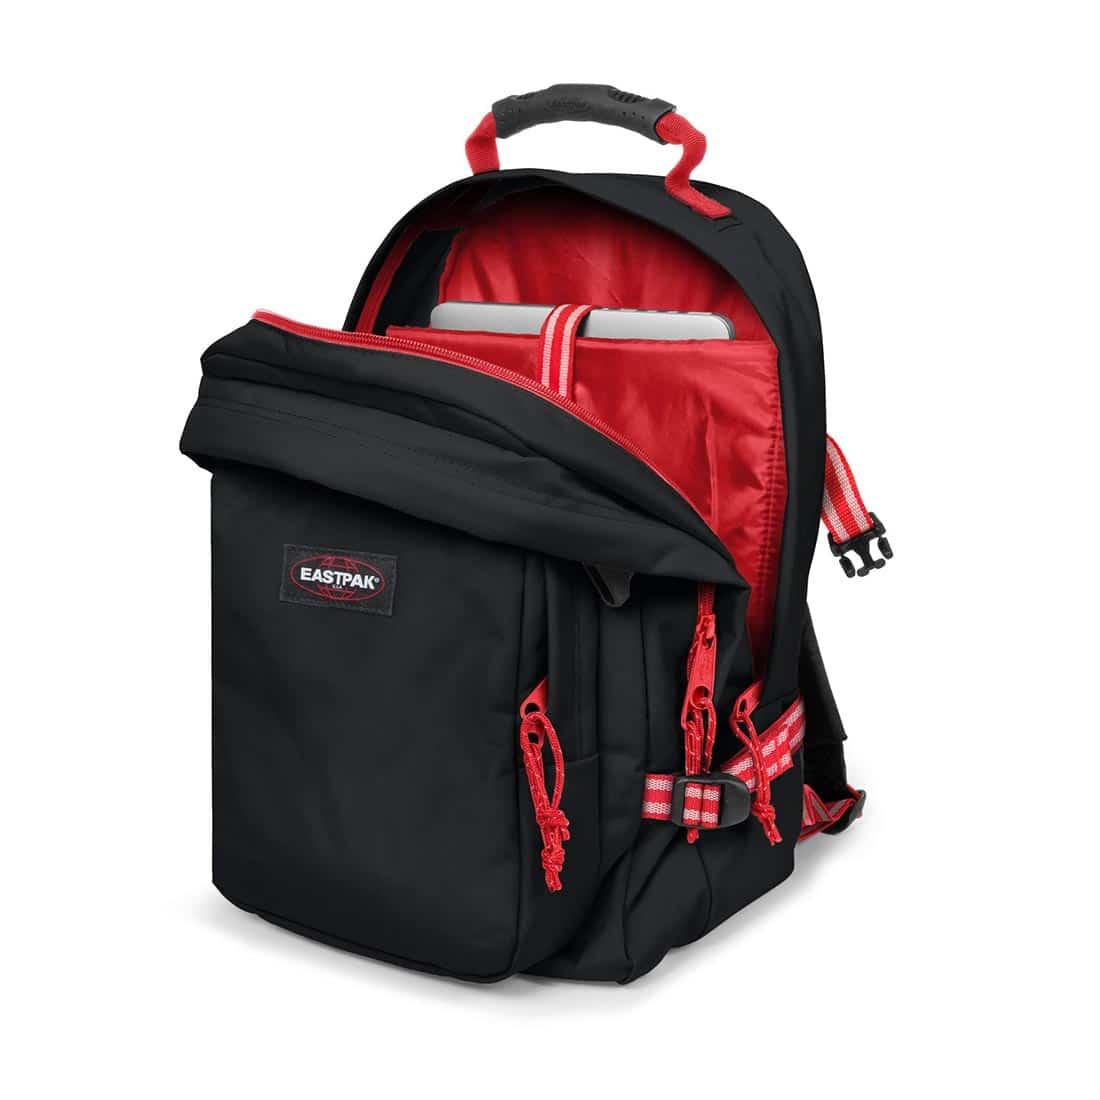 Eastpak Provider 33L Backpack - Blakout Dark